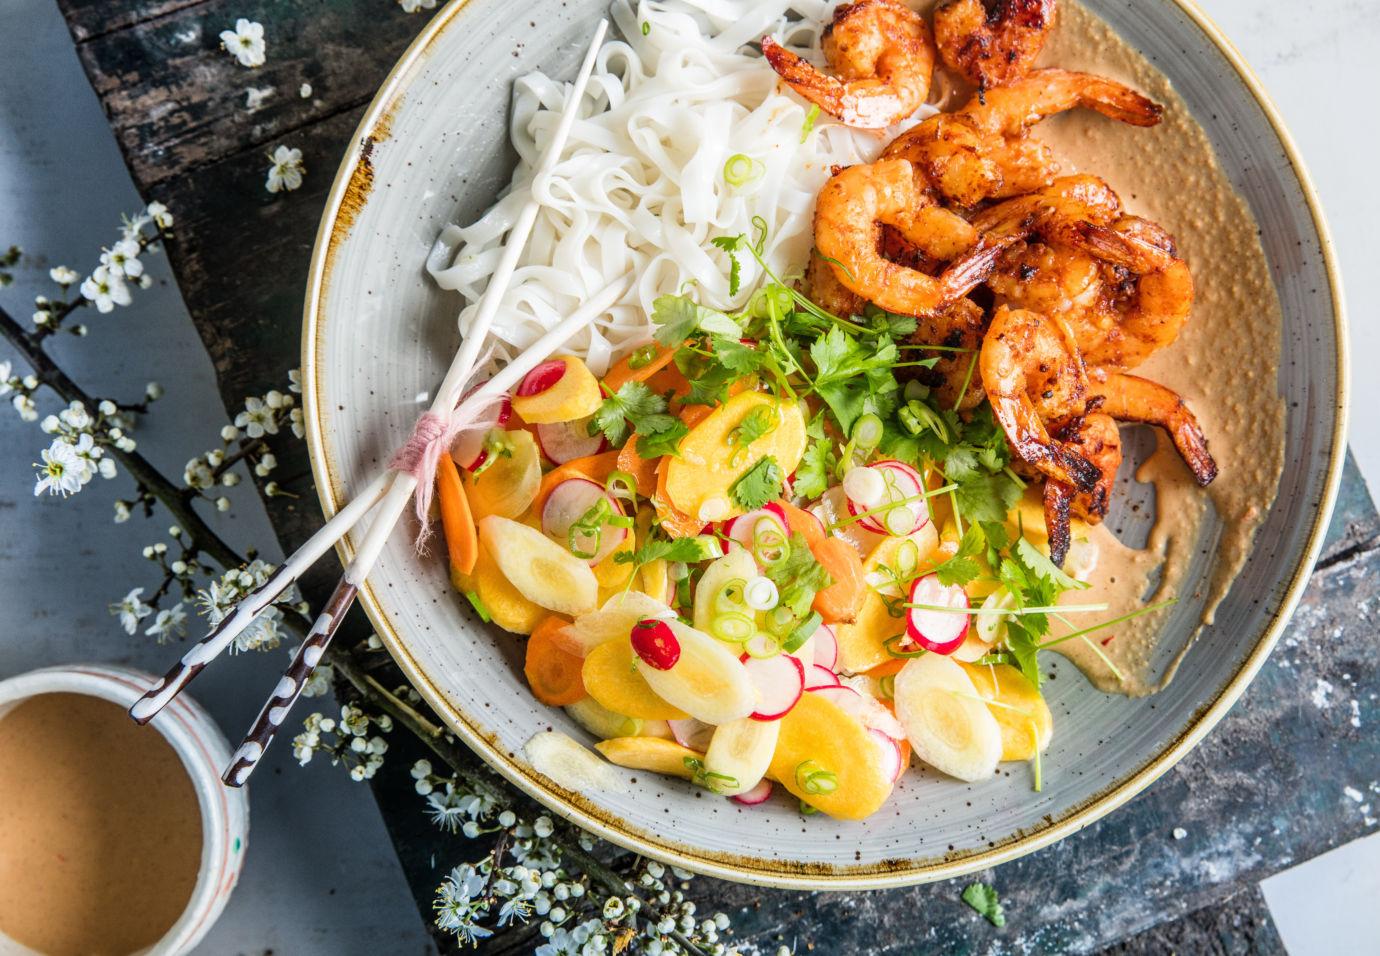 Sofie Dumont honing chili scampi's met rijstnoedels en krokante groentjes